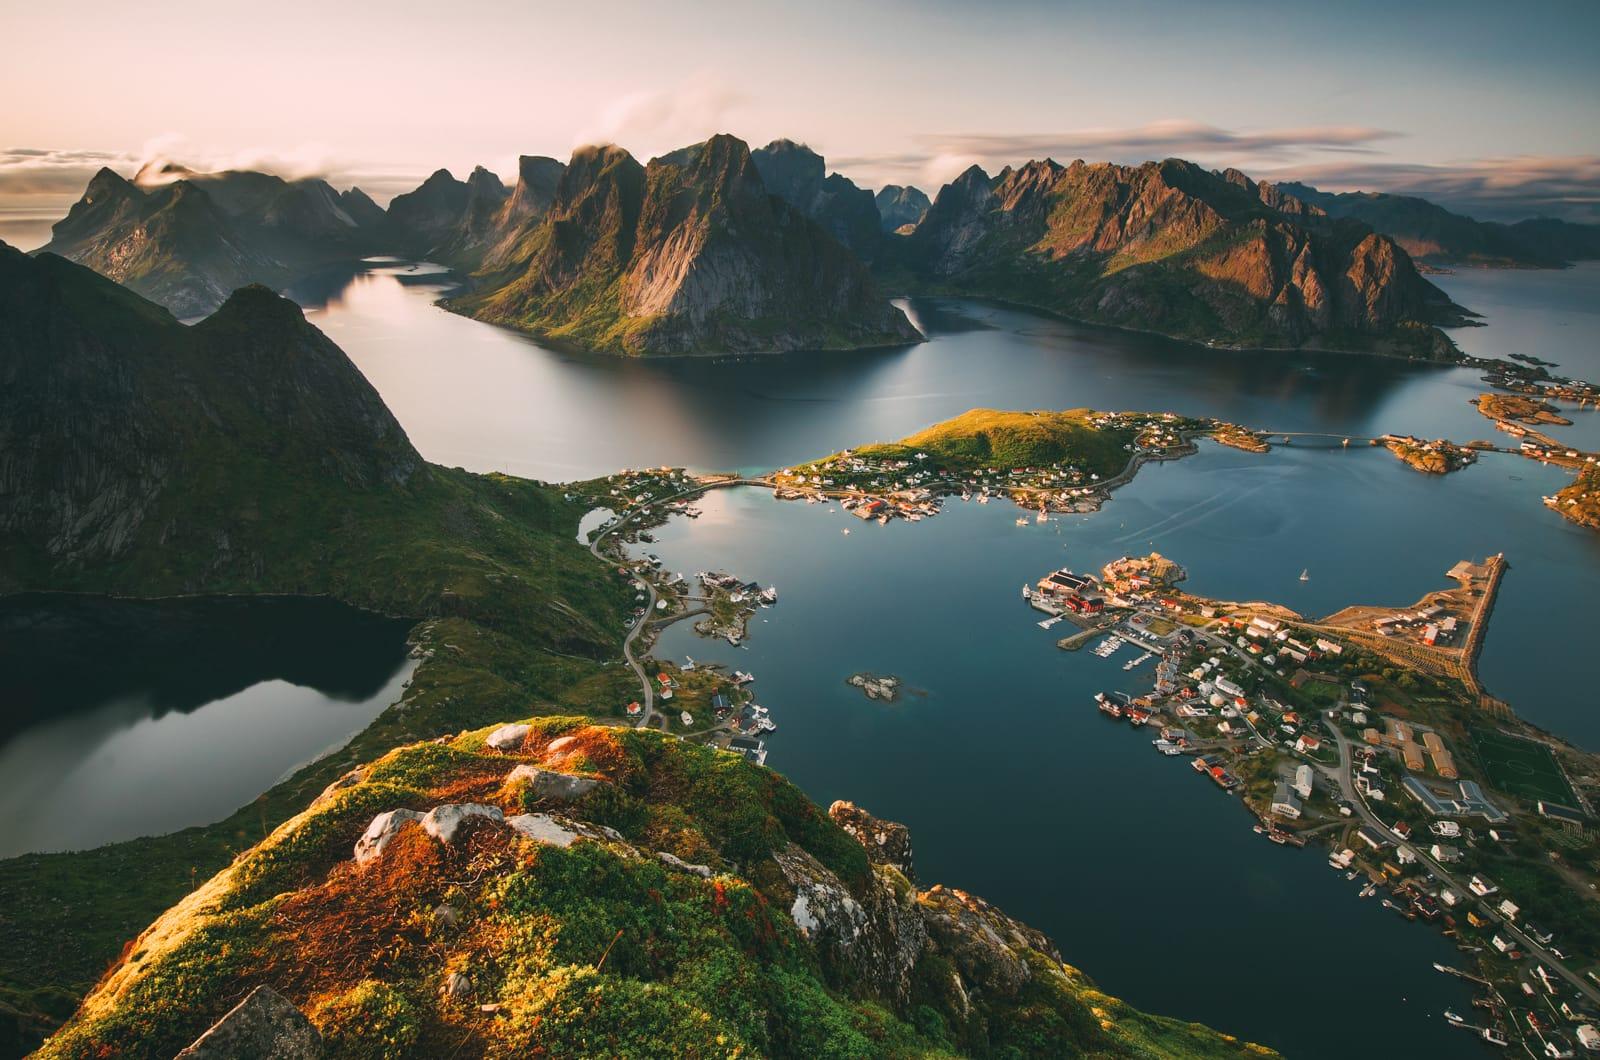 در نروژ گاهی شب ها هم خورشید می تابد